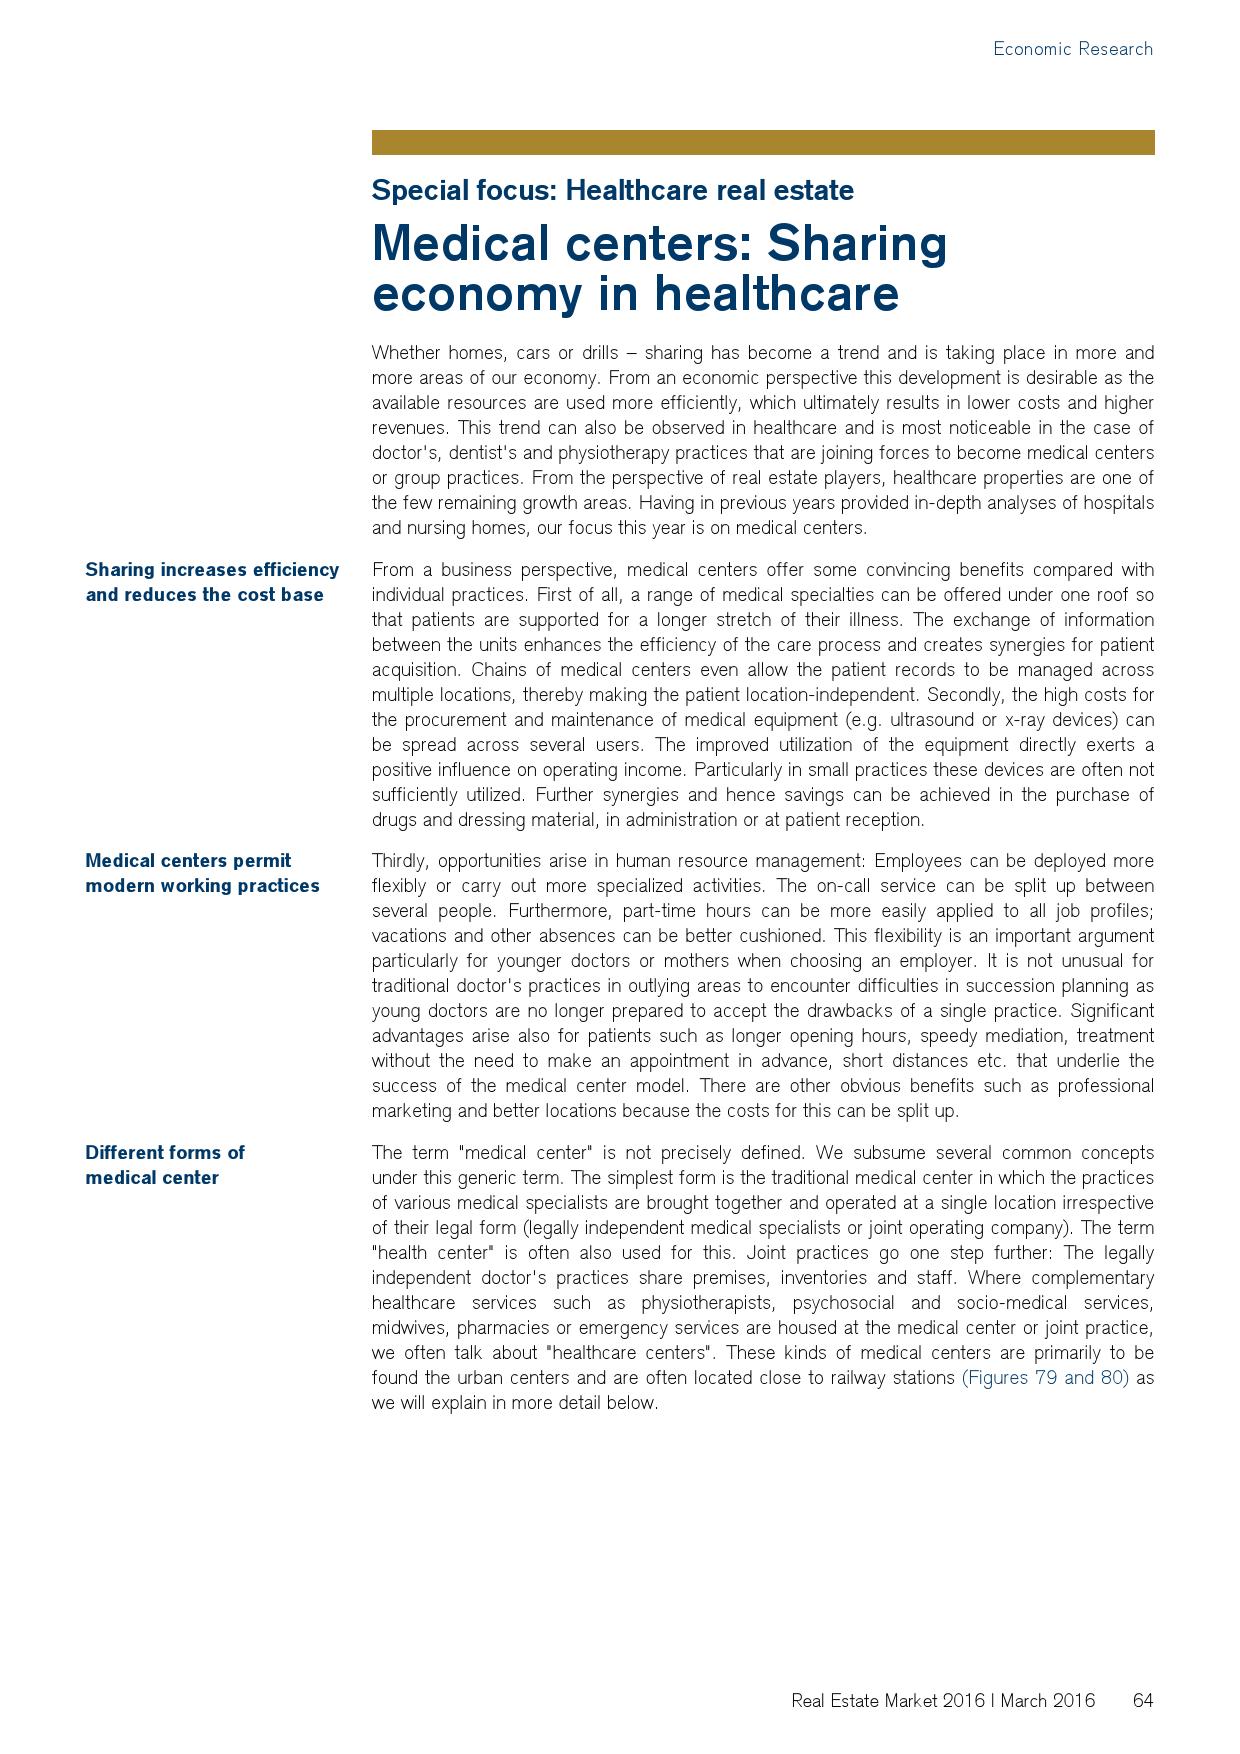 2016年瑞士房地产市场研究报告_000064